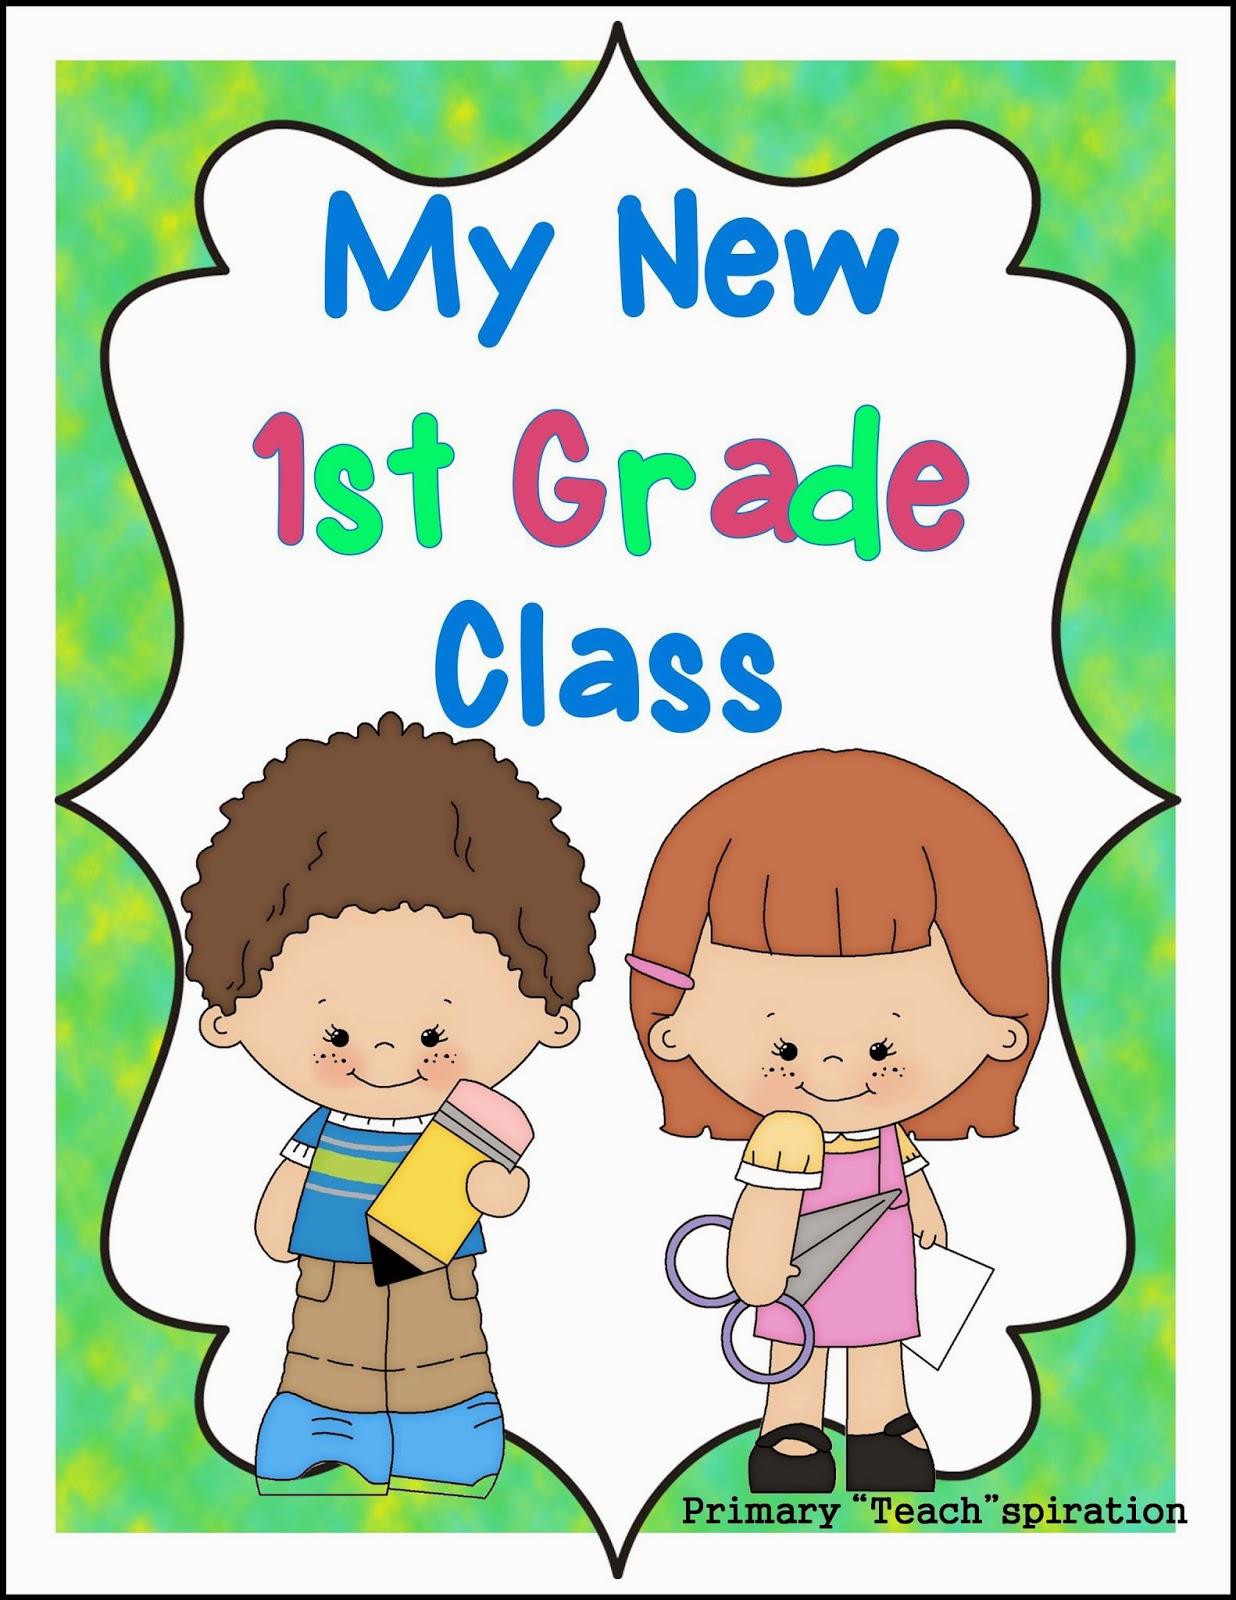 http://www.teacherspayteachers.com/Product/Beginning-of-the-Year-1st-Grade-1292794